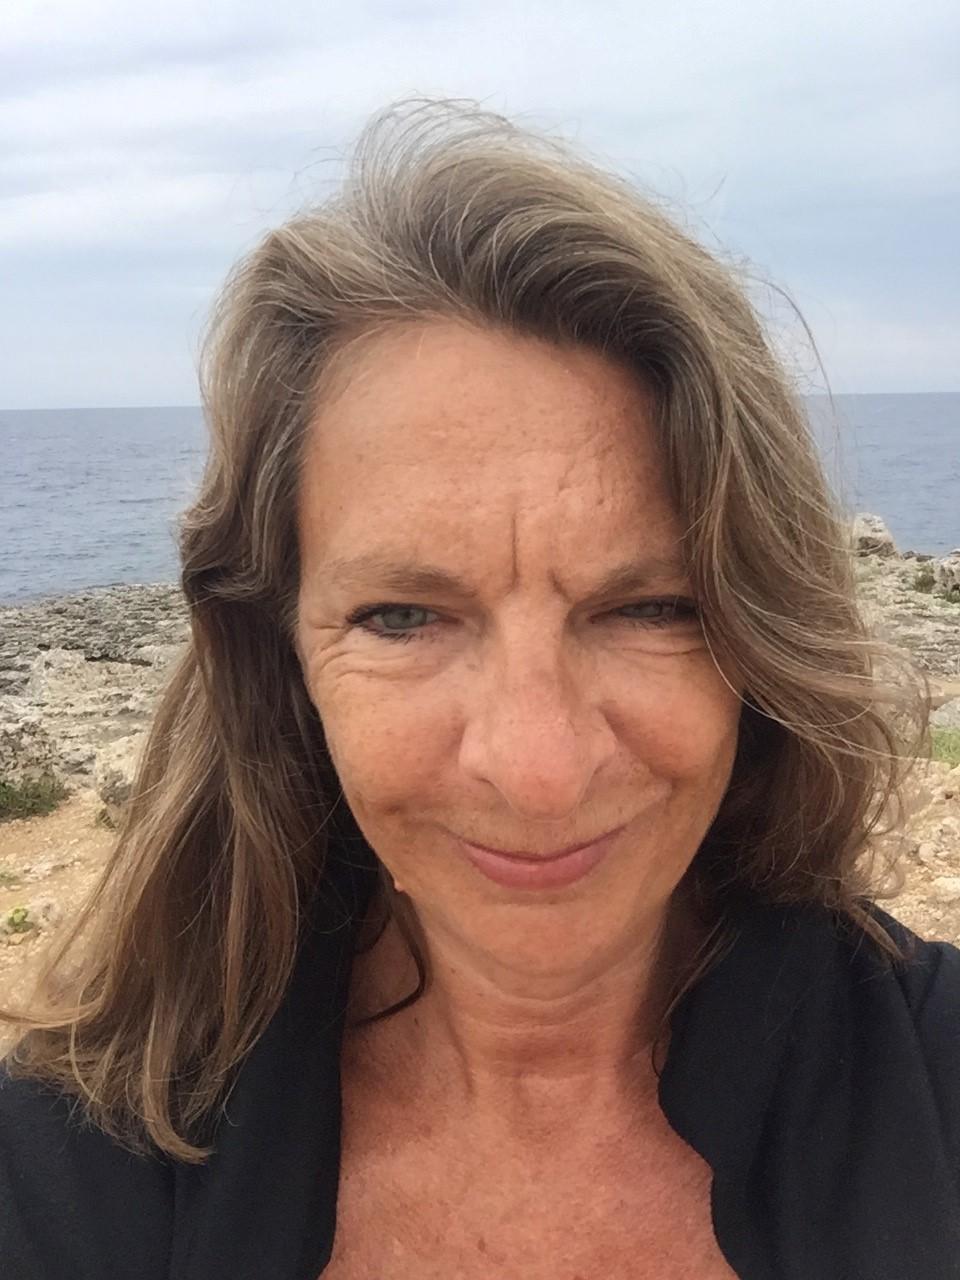 Lisa Peett